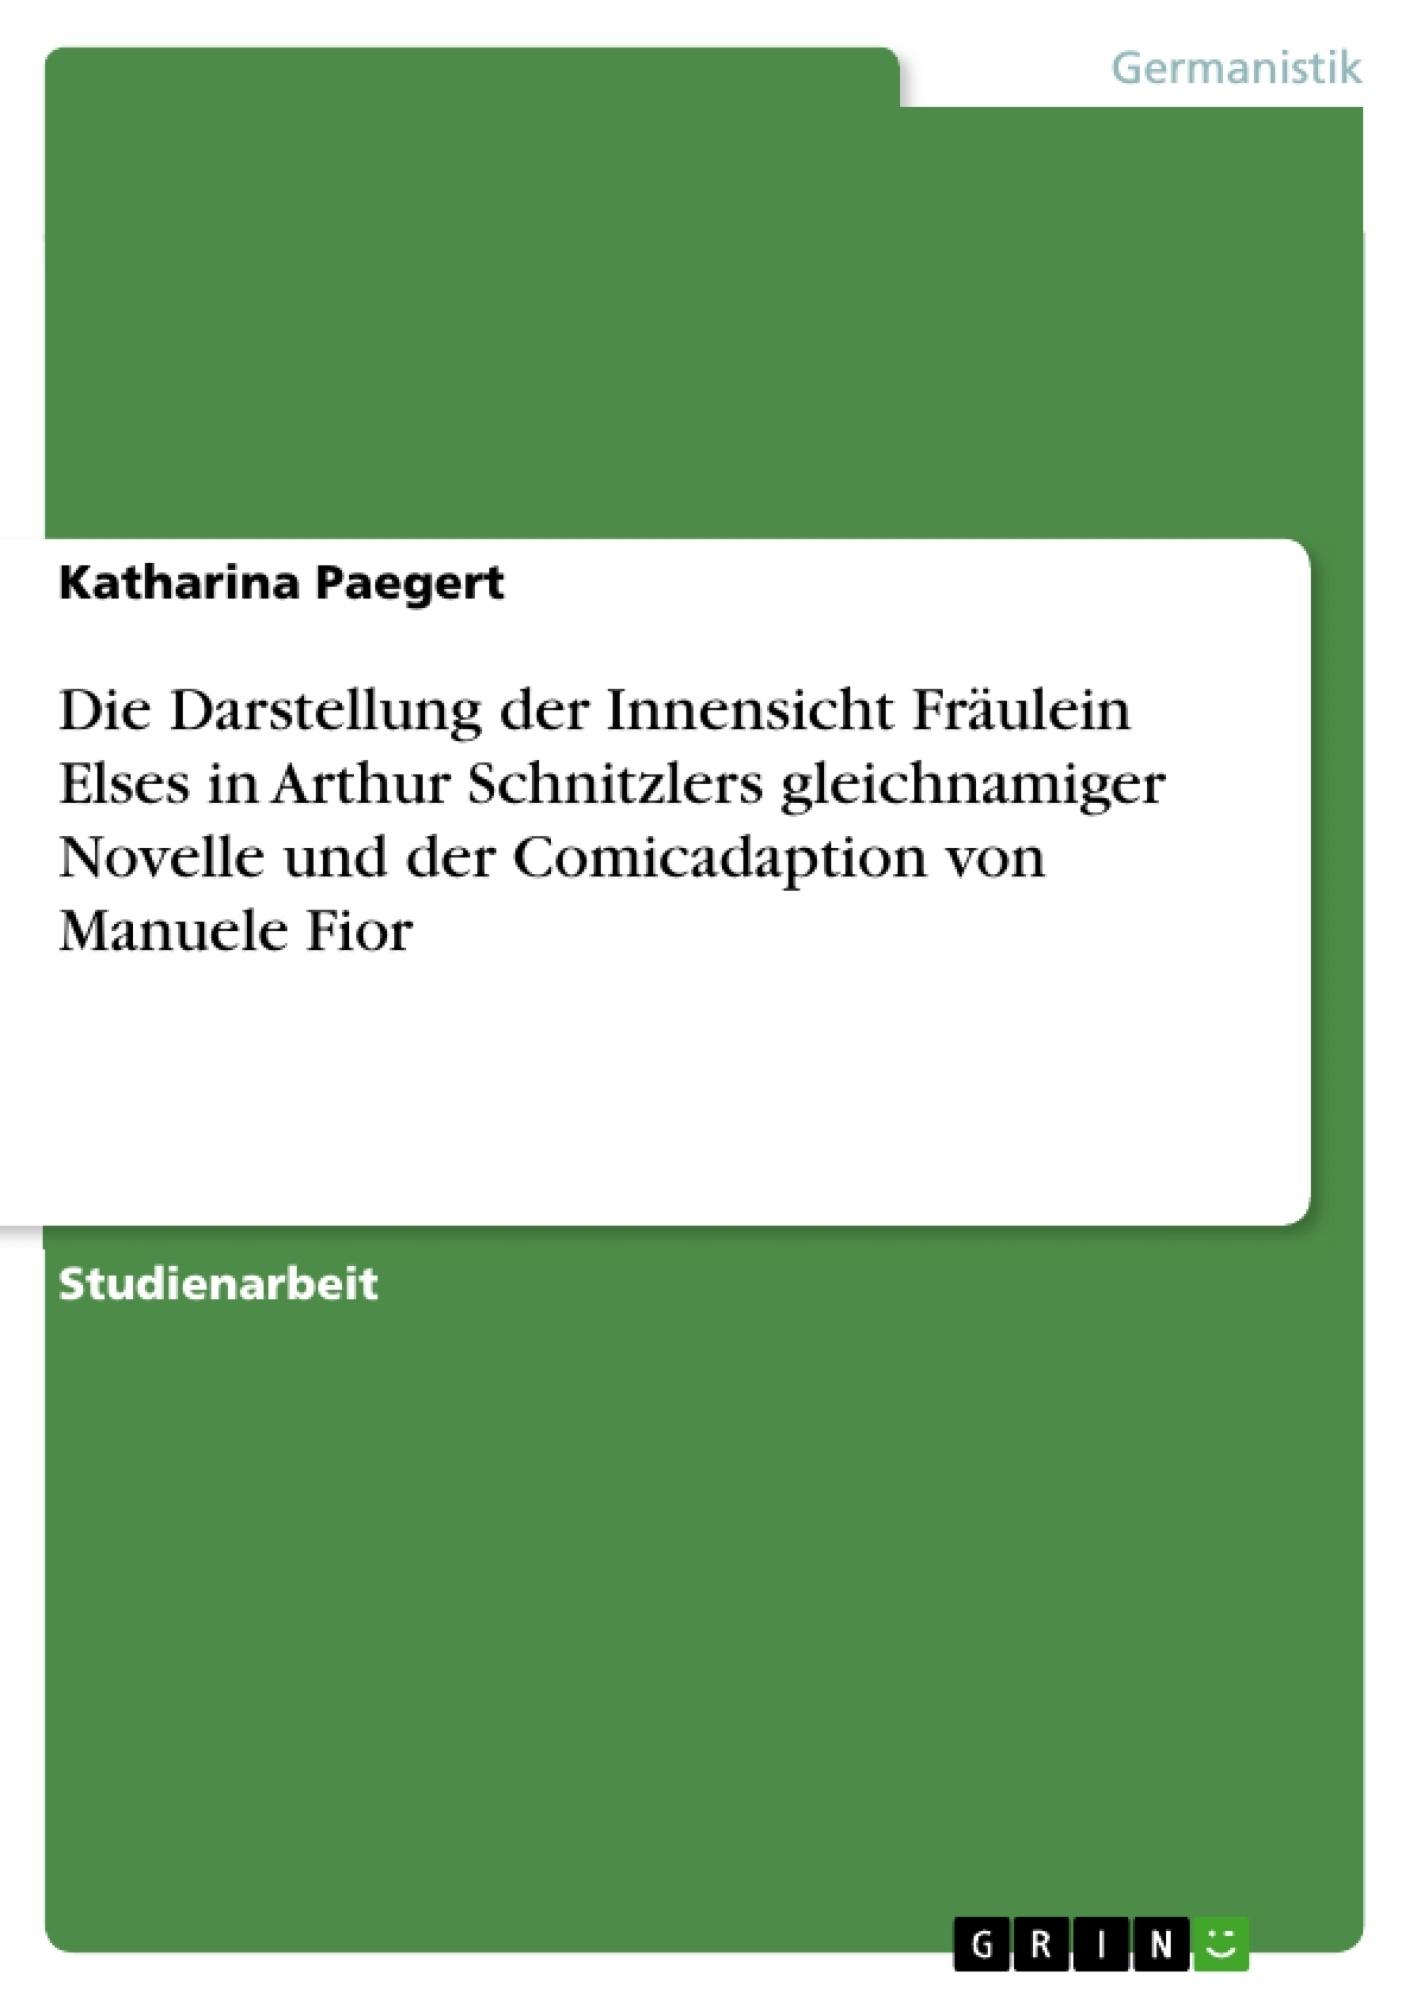 Titel: Die Darstellung der Innensicht Fräulein Elses in Arthur Schnitzlers gleichnamiger Novelle und der Comicadaption von Manuele Fior